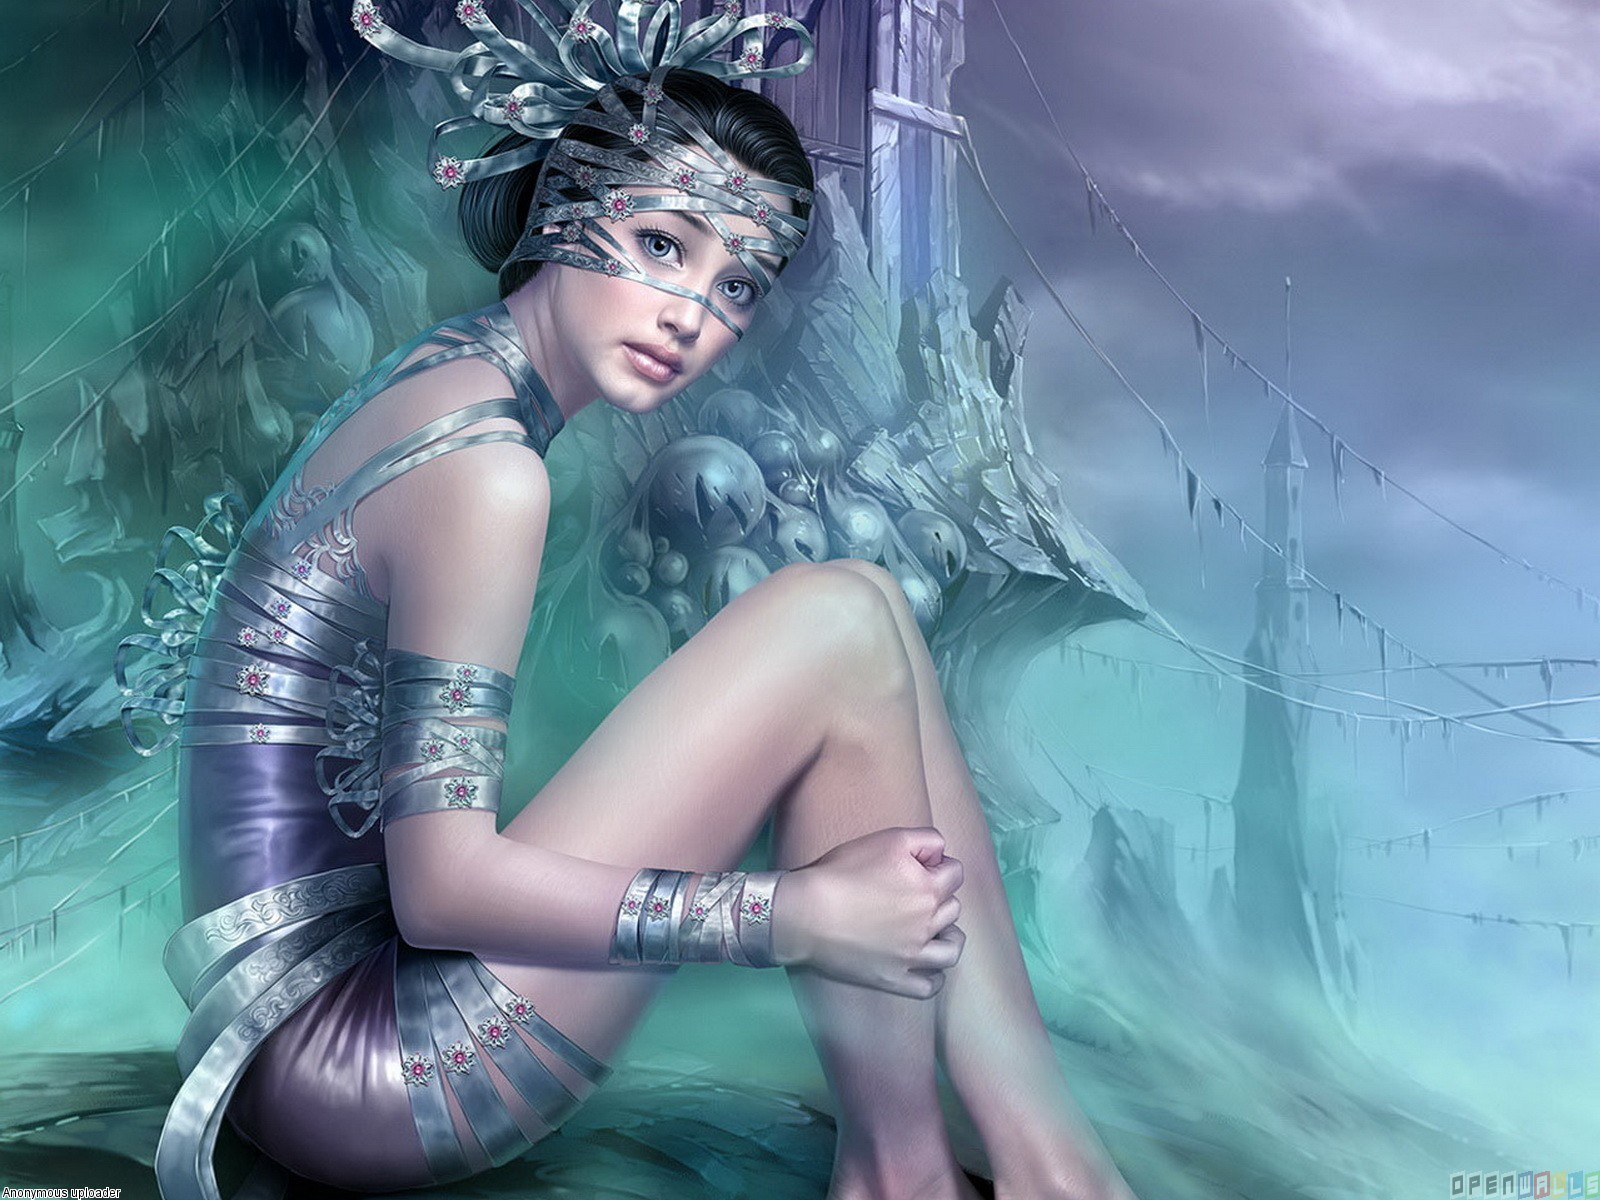 3D Fantasy Art Wallpapers Women - WallpaperSafari